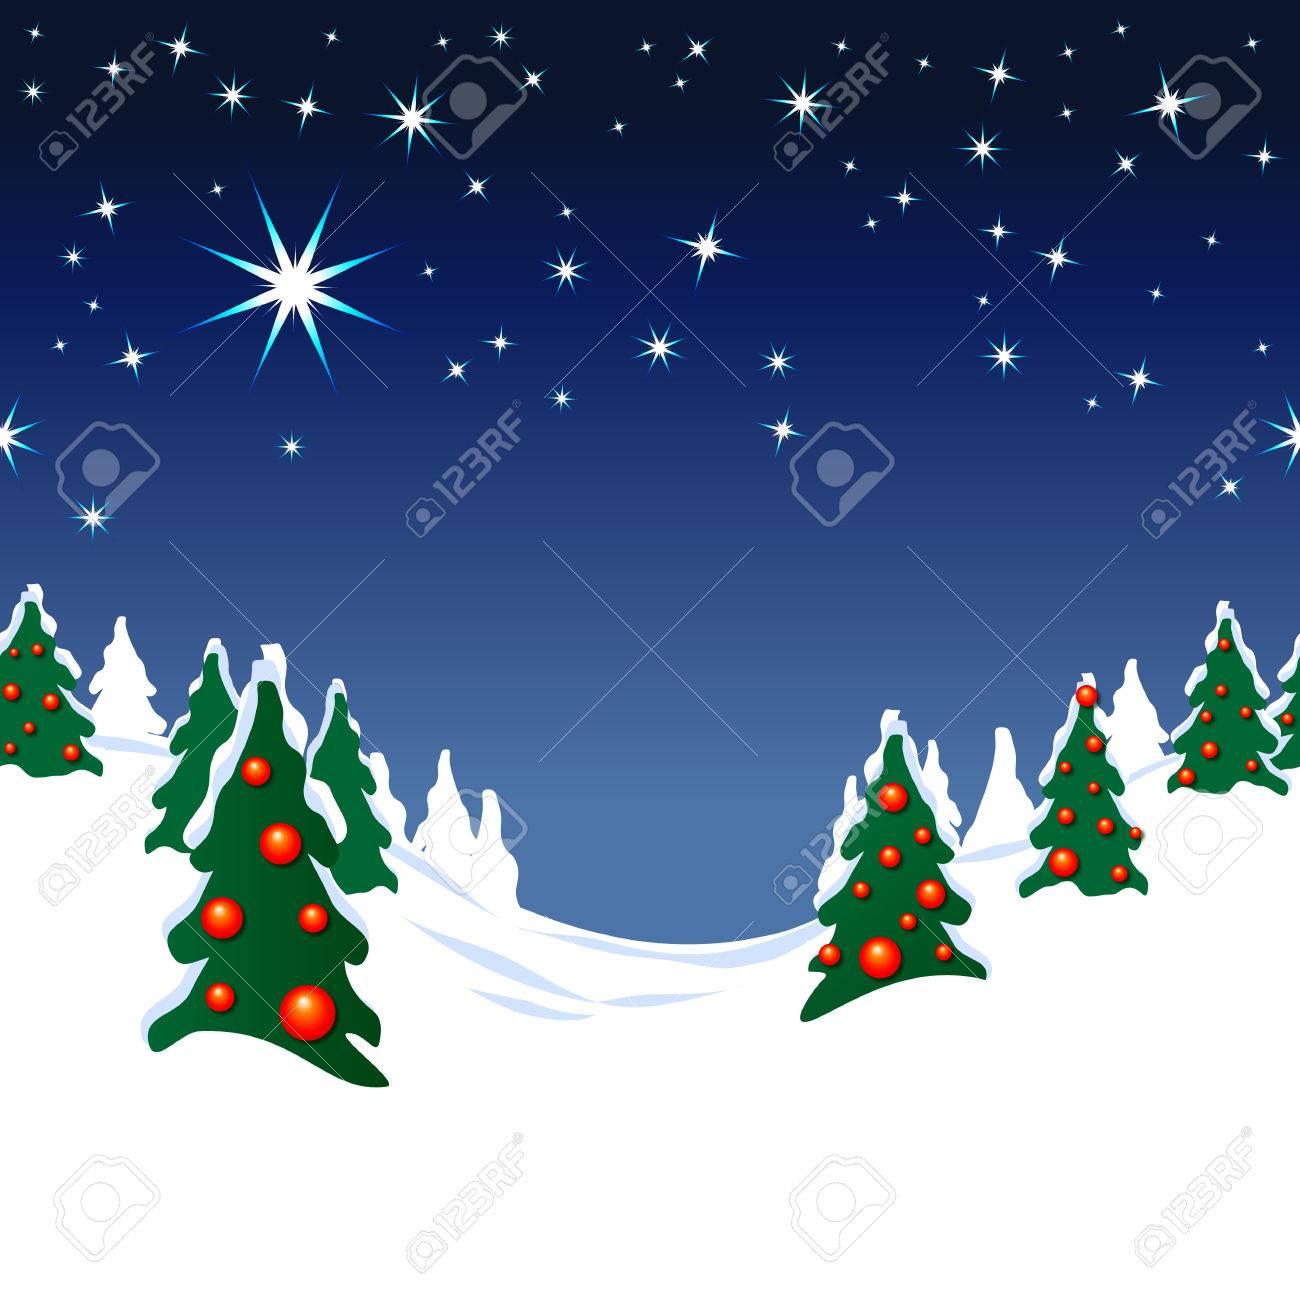 クリスマス 風景 イラスト 背景 星空 フリー Wwwthetupiancom